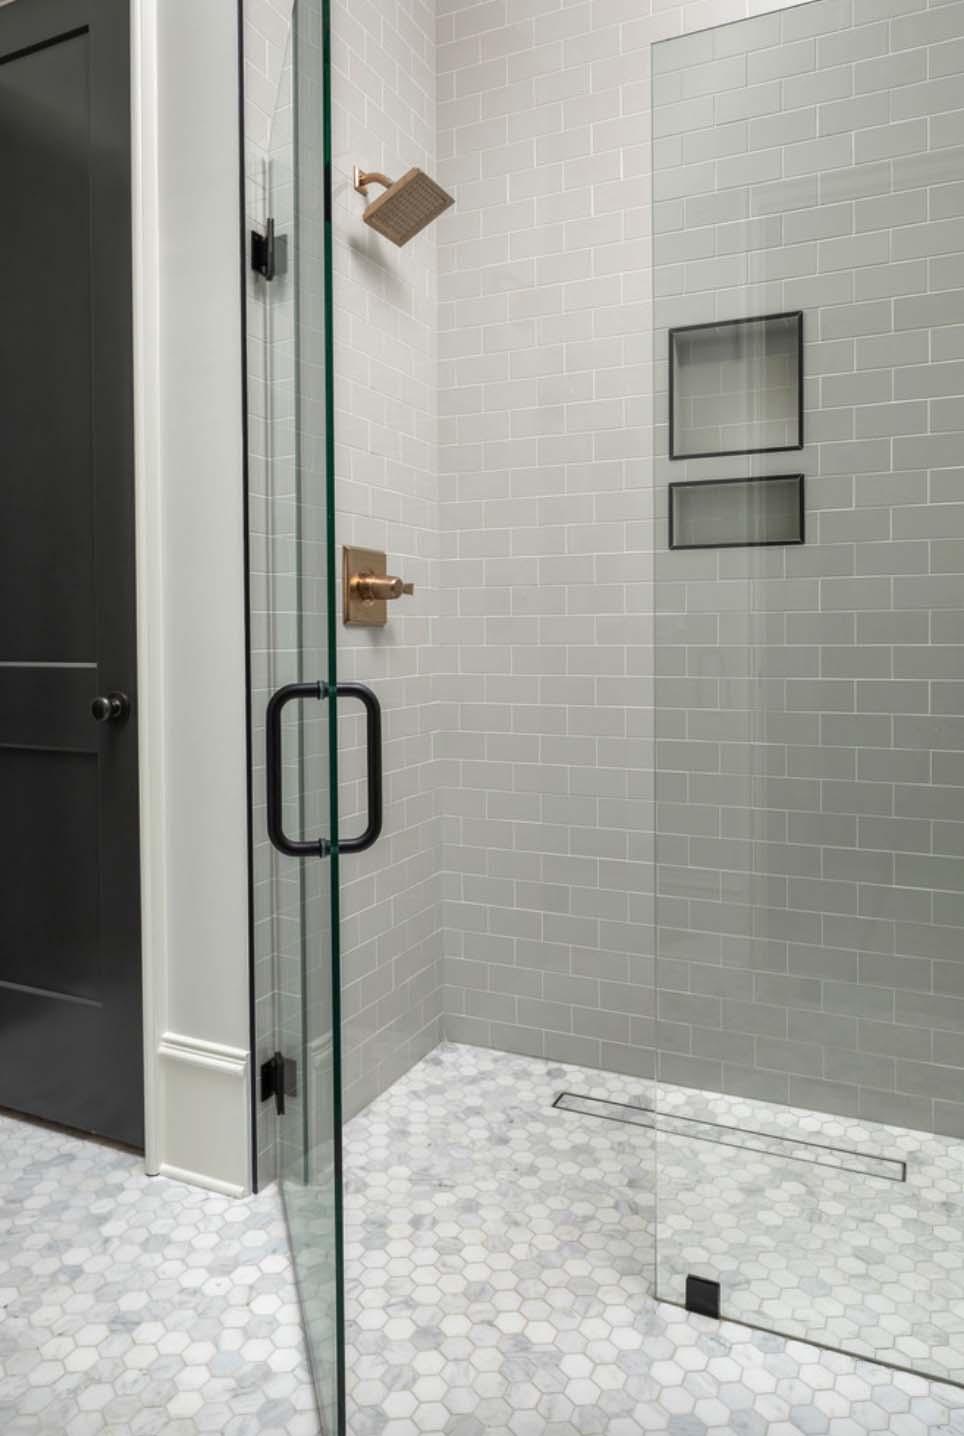 guest-bain-zero-entry-douche-transitionnelle